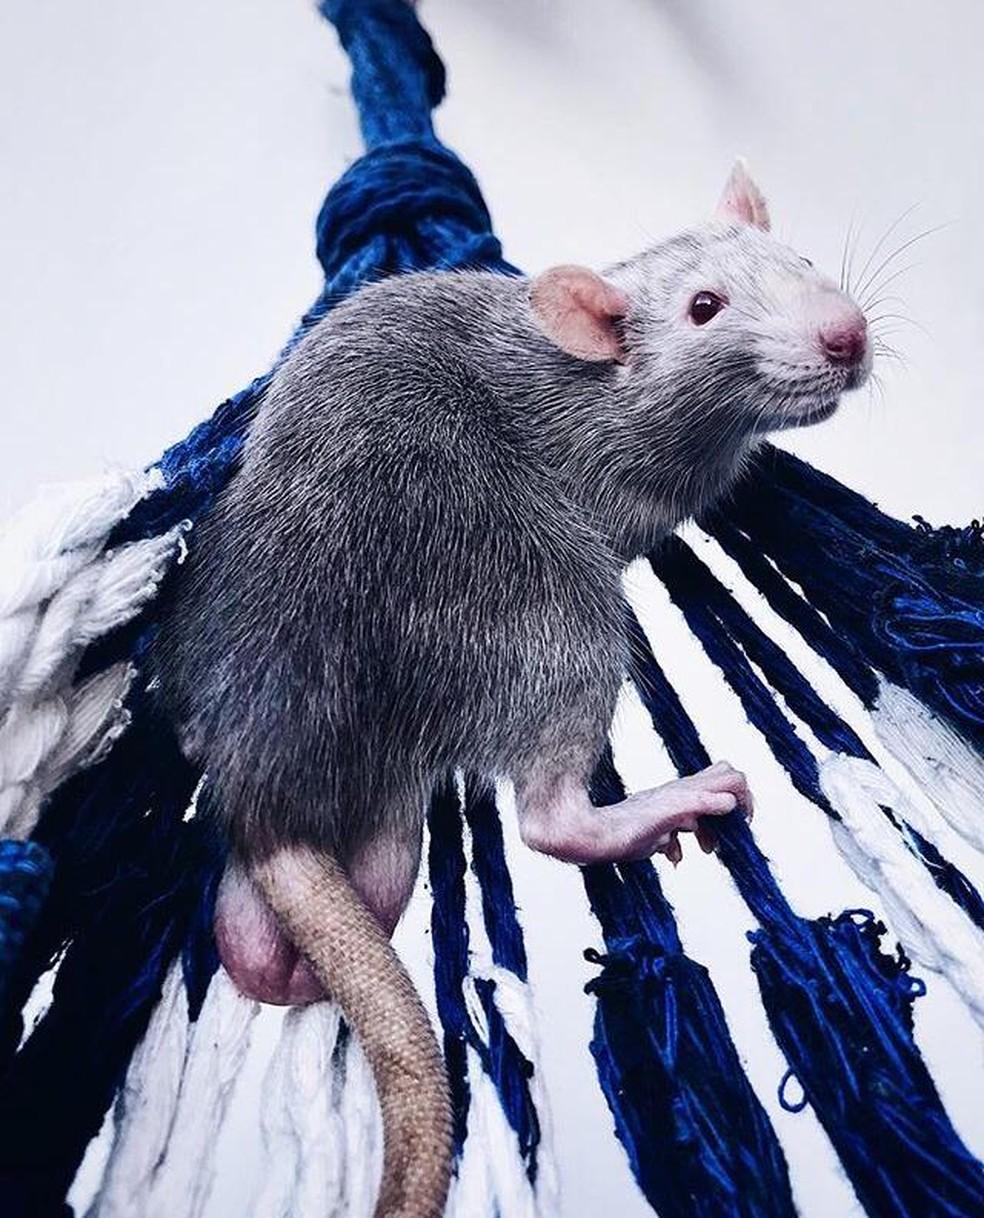 Ela gosta de fotografar os momentos que passa com os ratos. — Foto: Arquivo pessoal